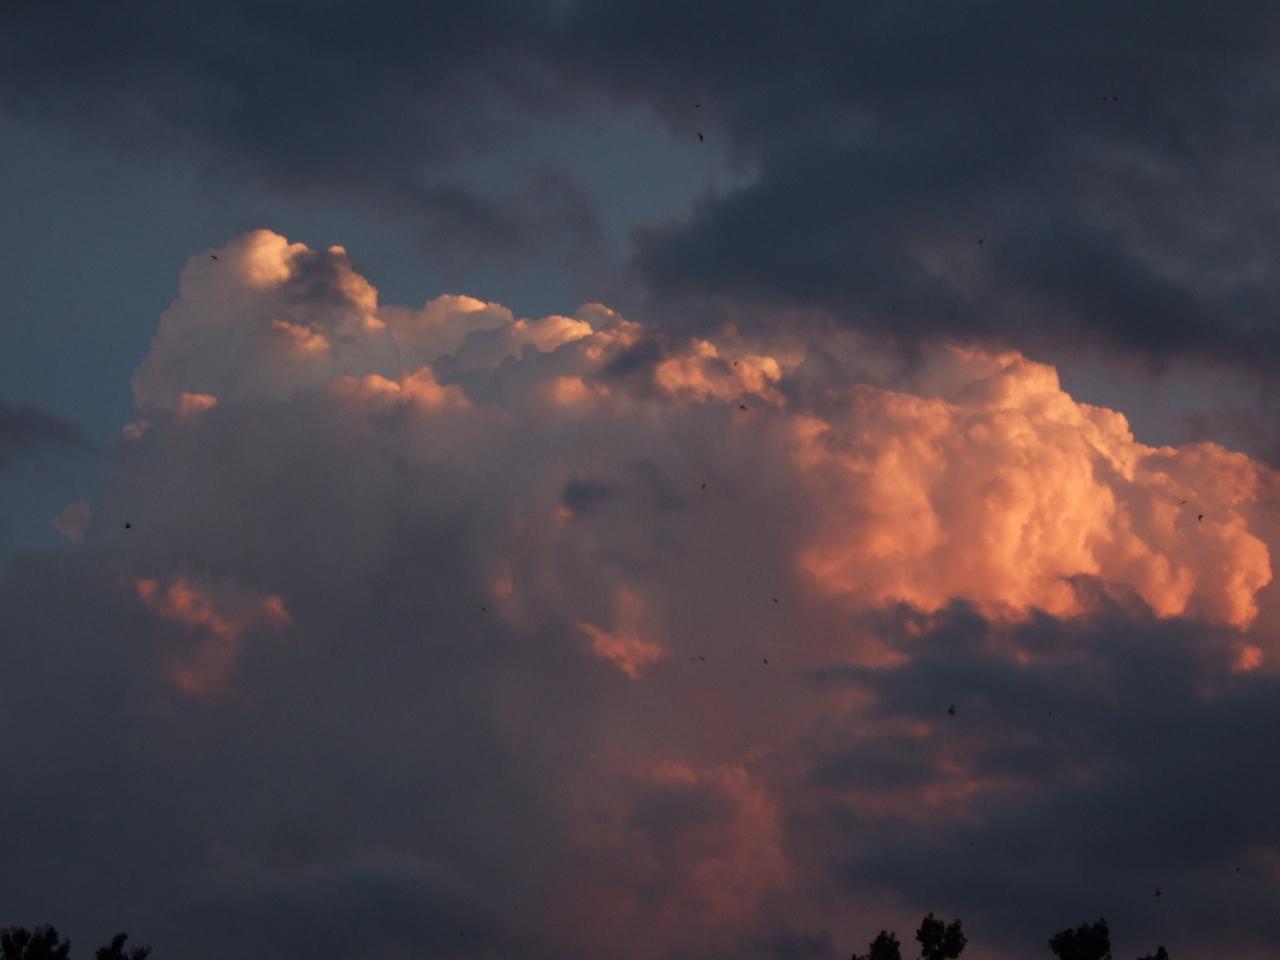 DSCF0385 clouds by Brian